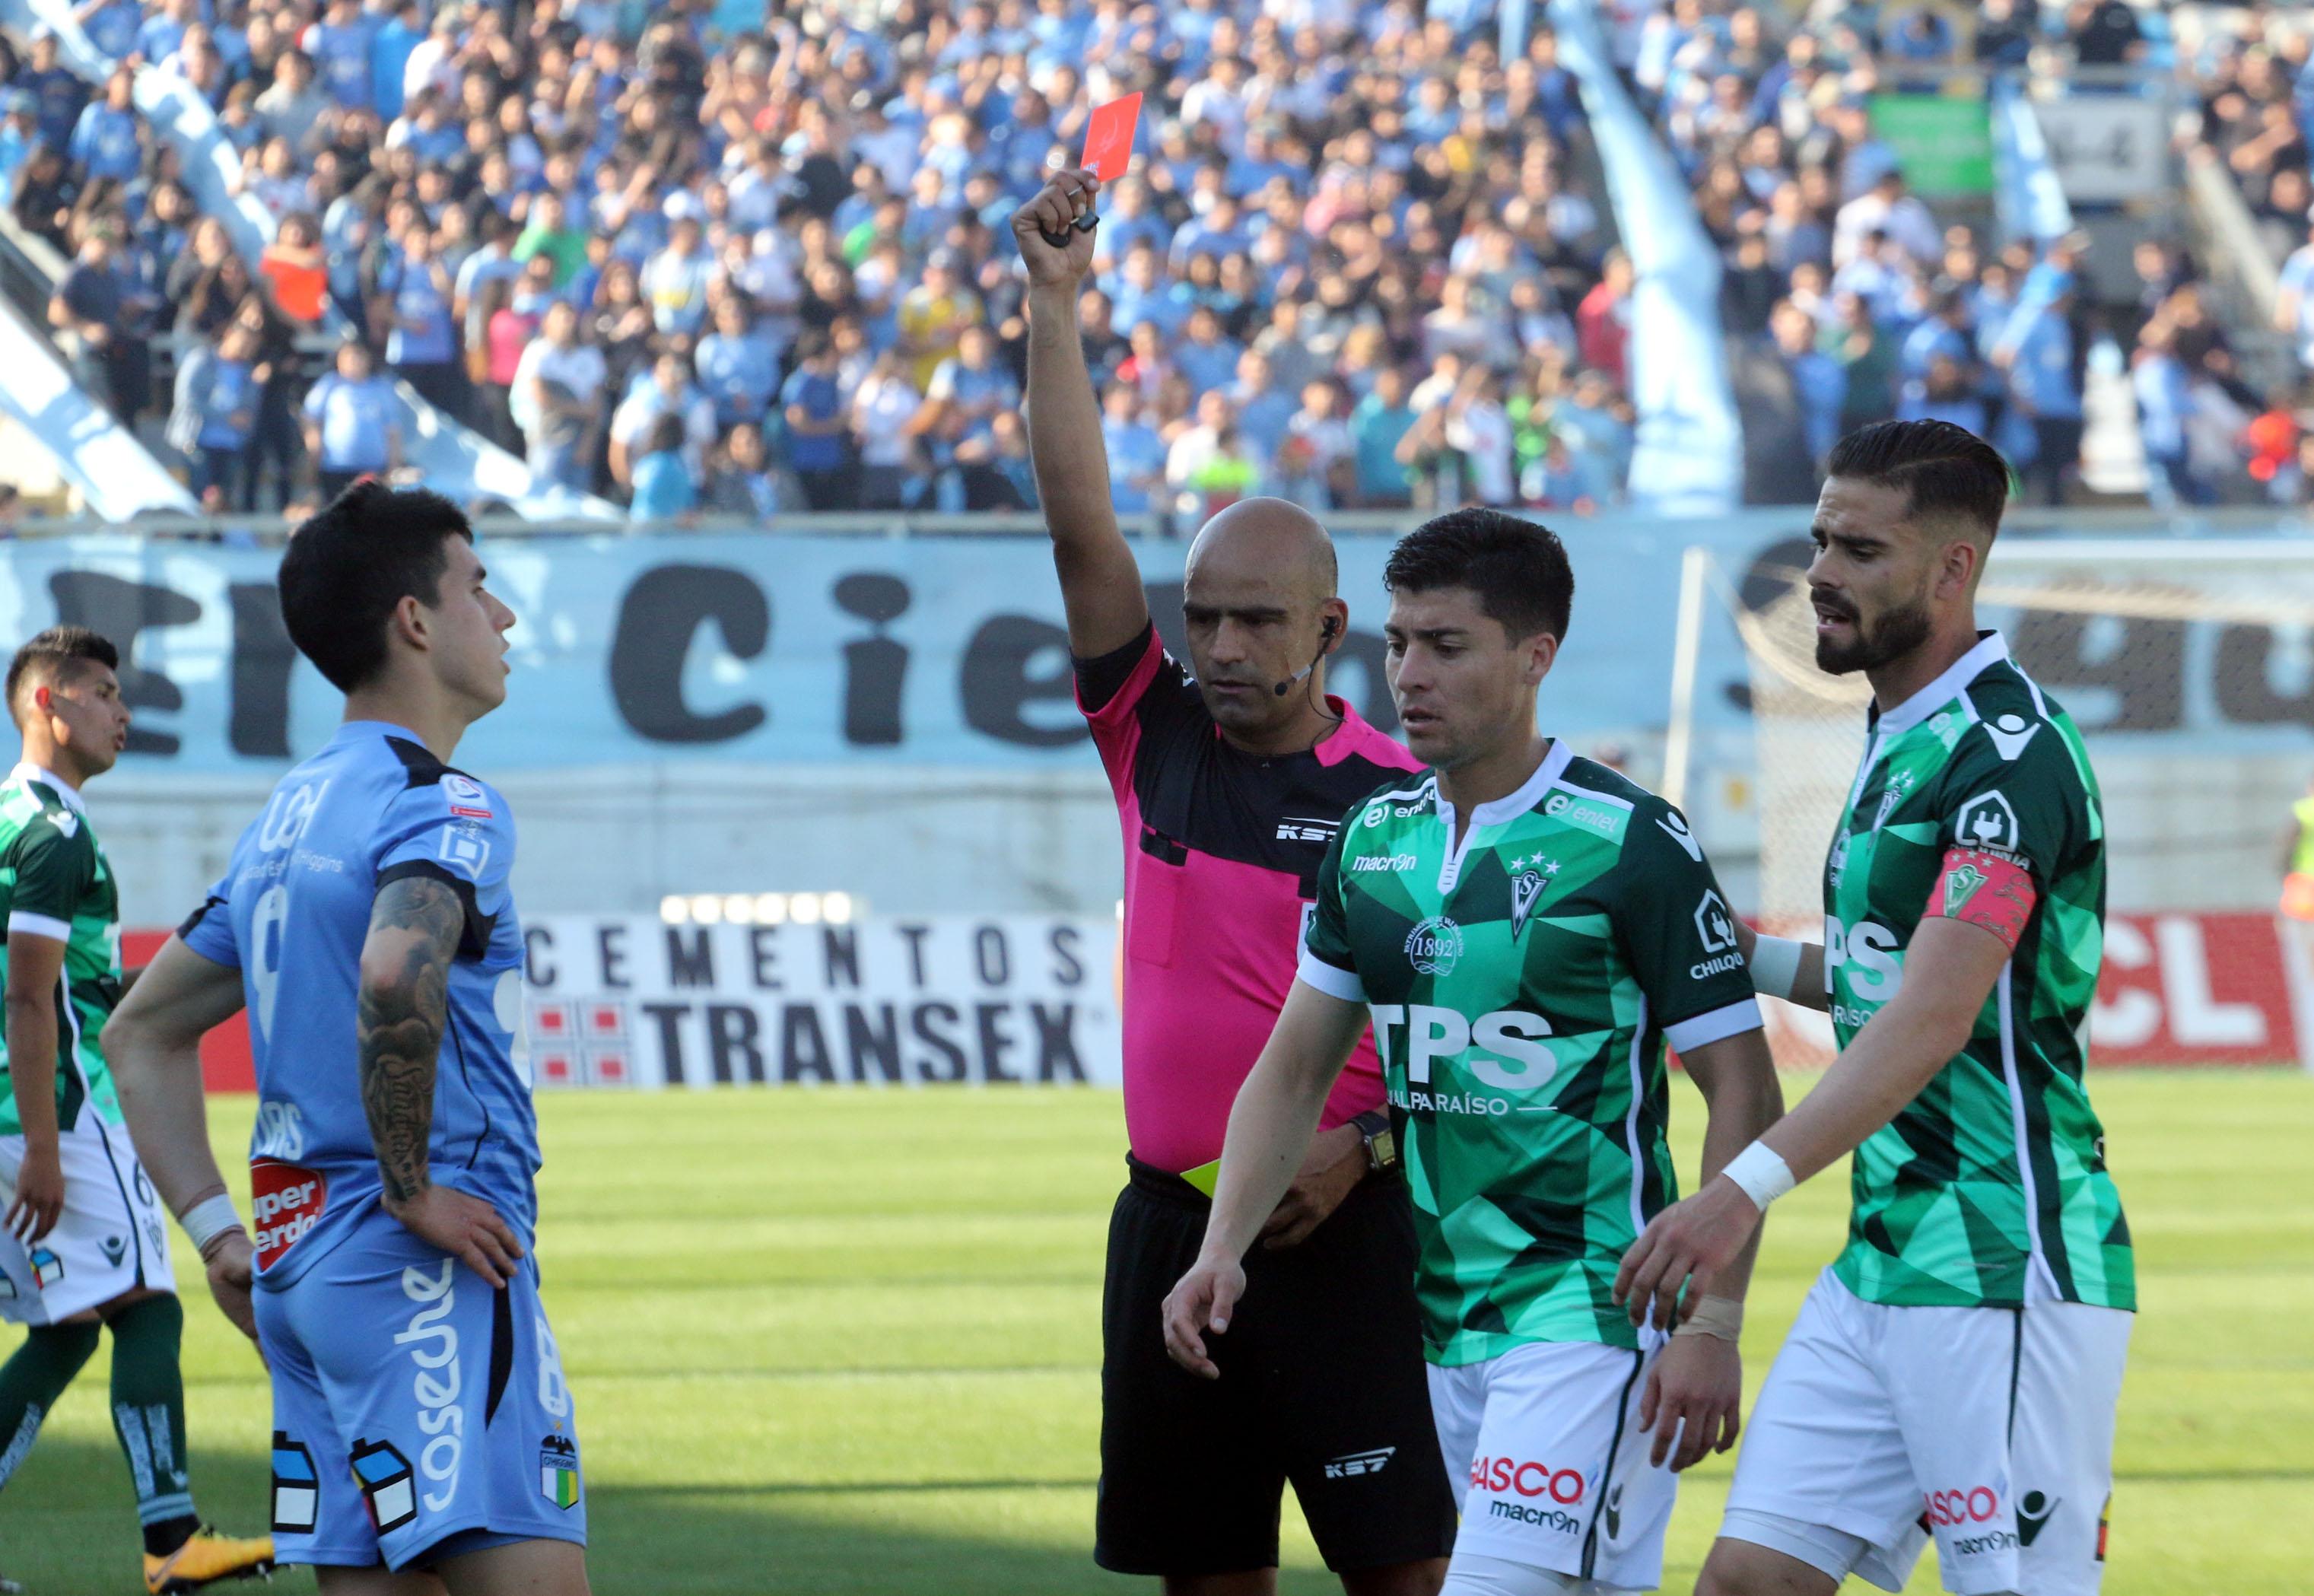 Santiago Wanderers se llevó la victoria ante un O'Higgins que aún no encuentra la línea - El Rancagüino